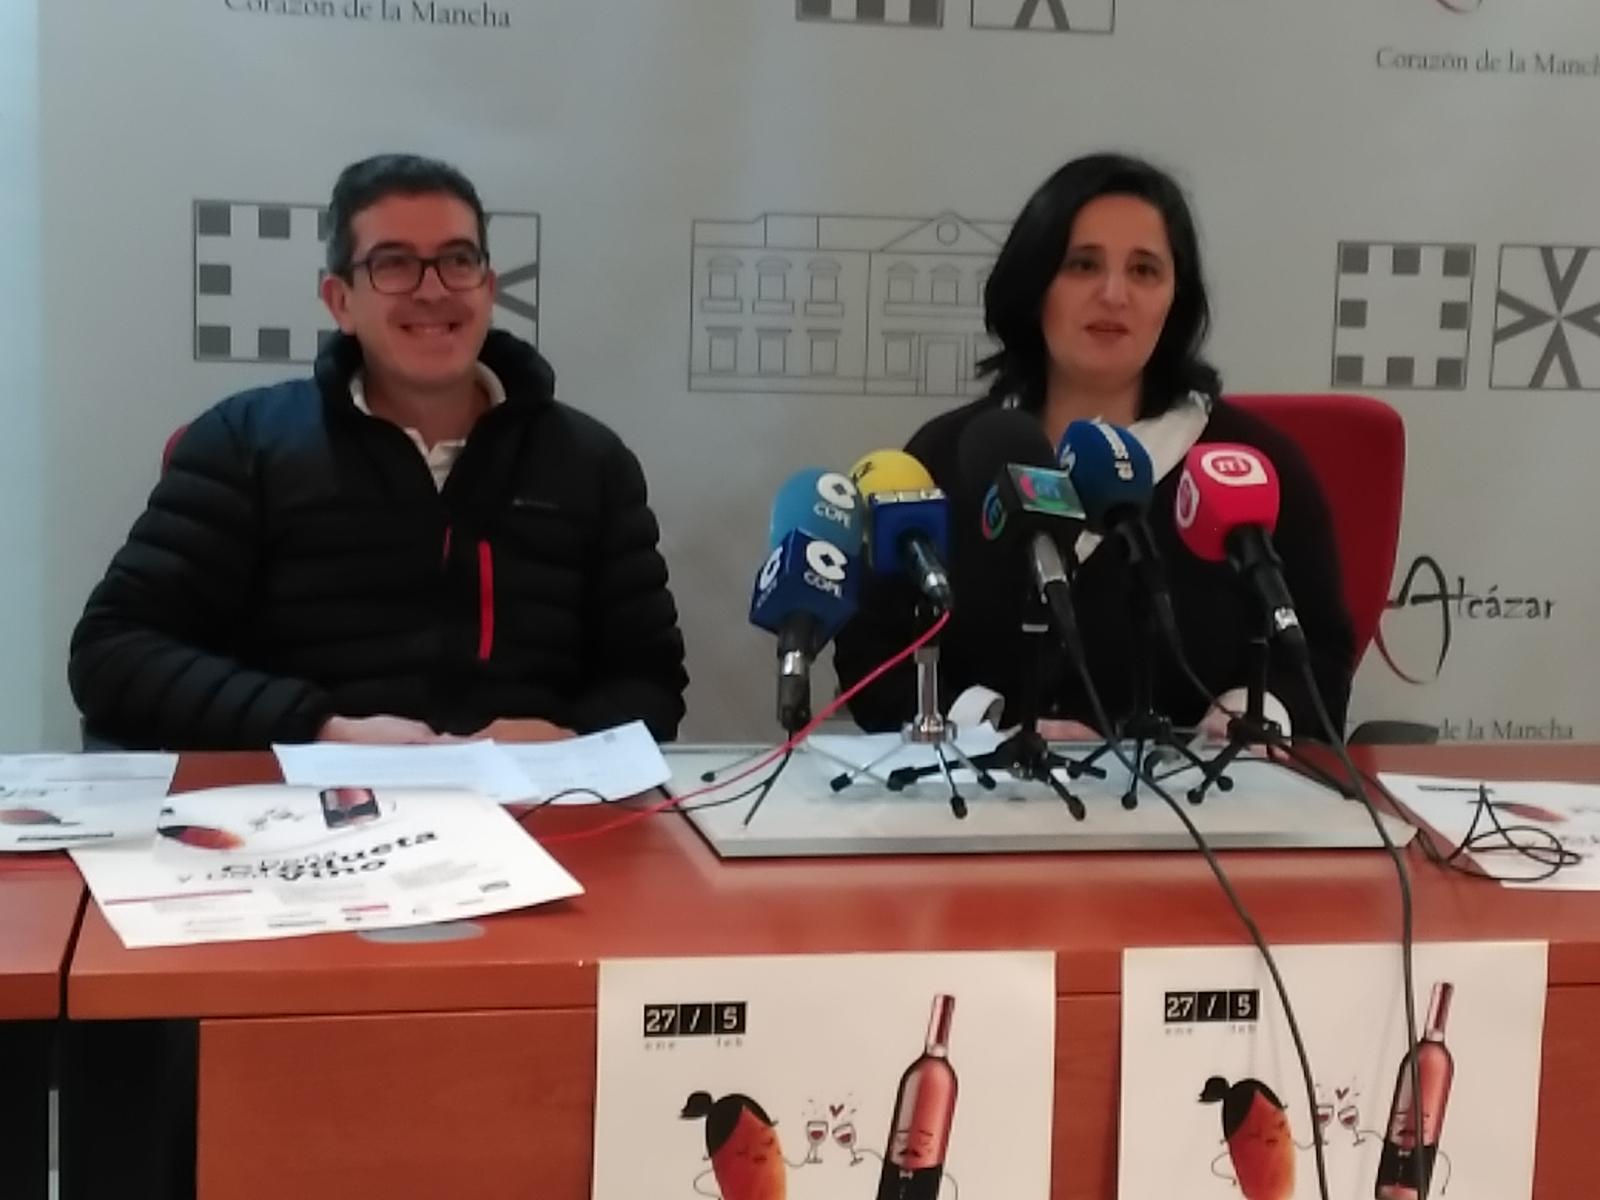 Doña Croqueta y Don vino, del 27 de enero al 5 de febrero en 19 establecimientos alcazareños